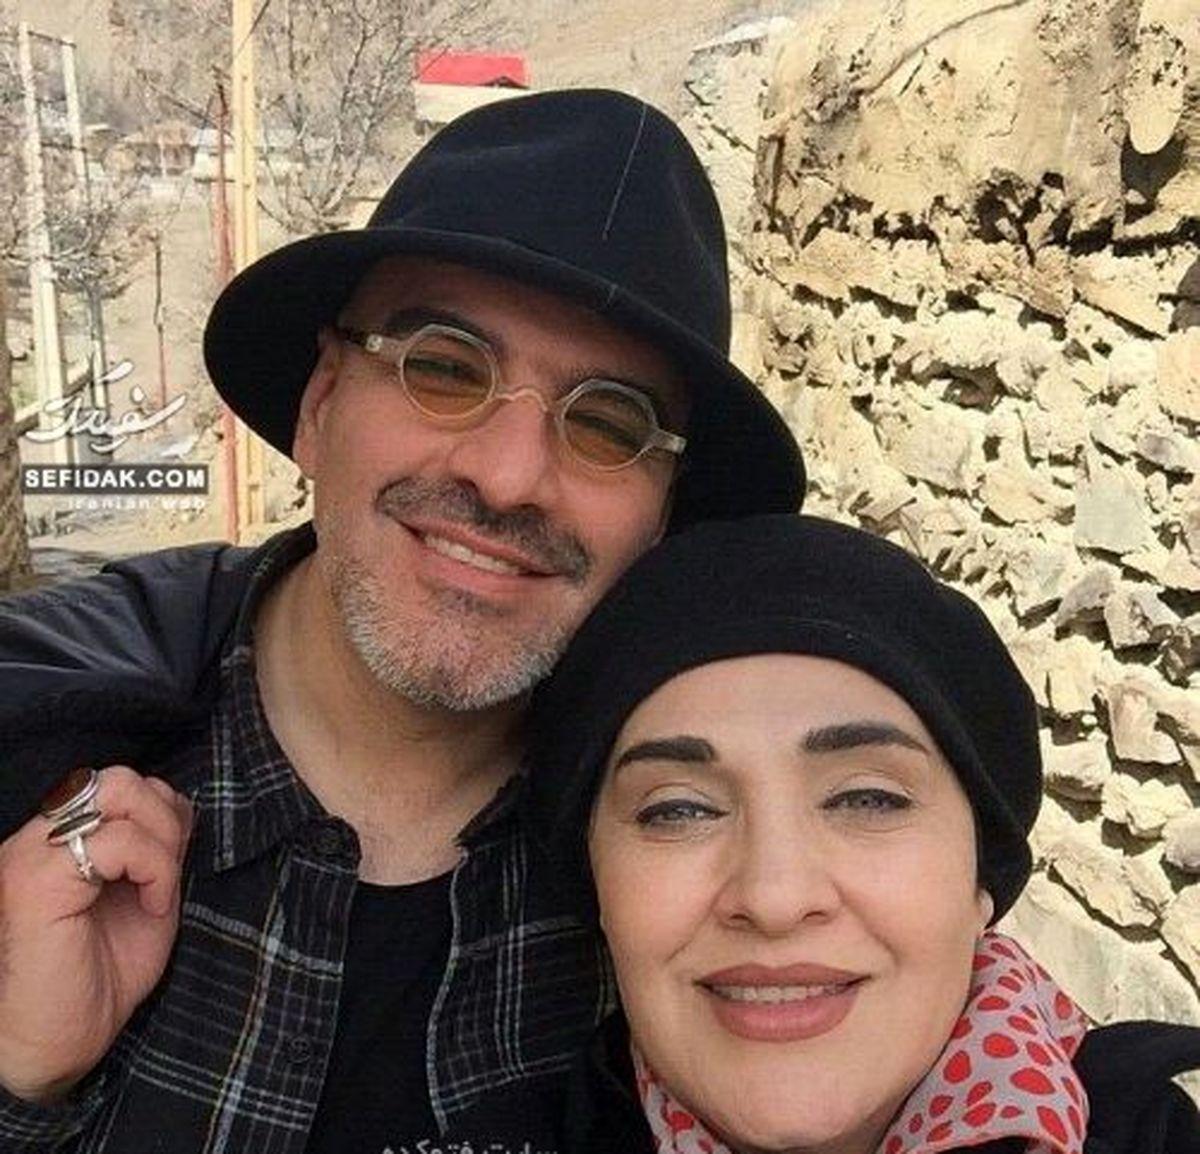 تصاویر لورفته از مسابقه اتومبیلرانی رویا نونهالی و همسرش +عکس